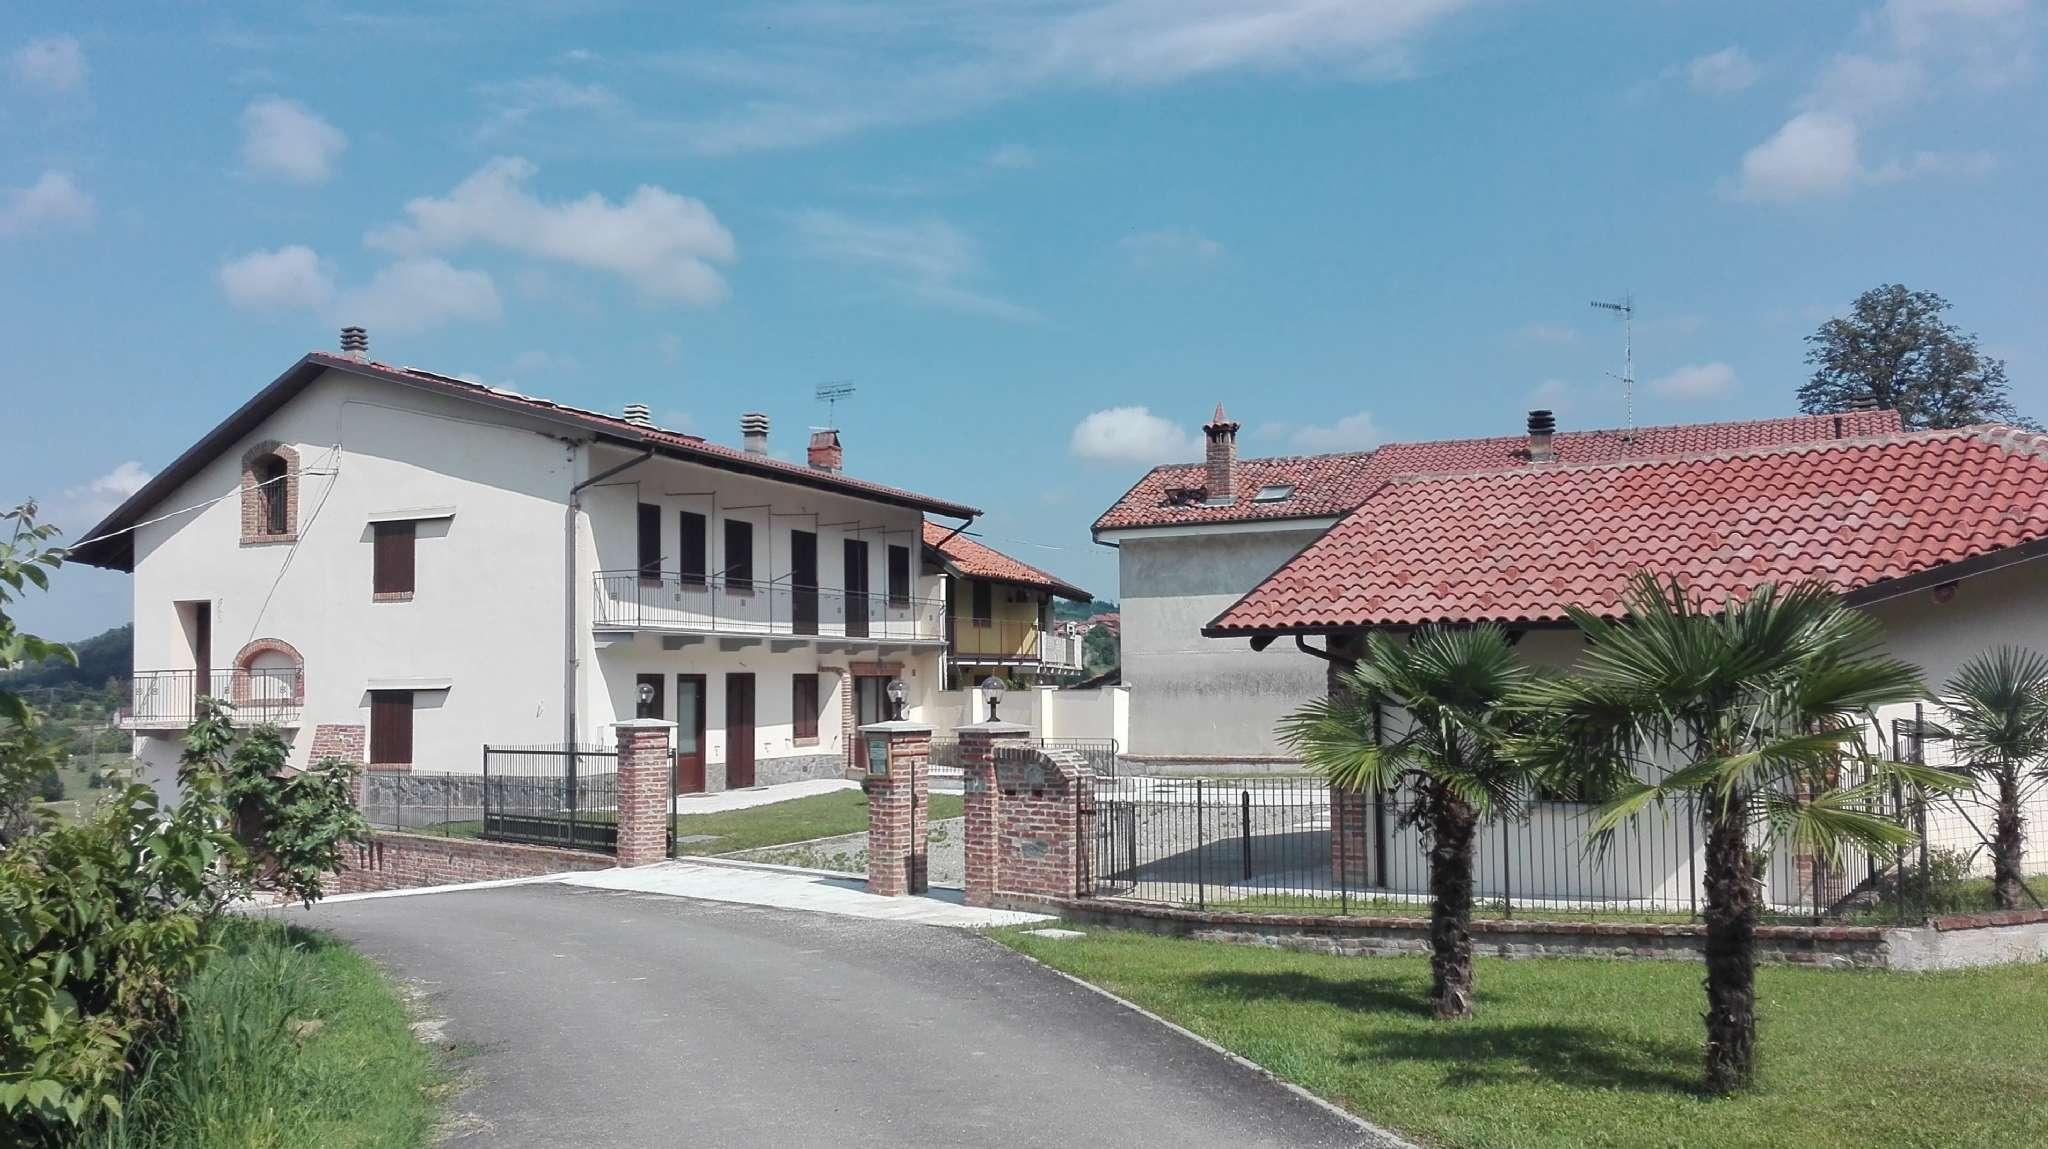 Soluzione Indipendente in vendita a Berzano di San Pietro, 8 locali, prezzo € 330.000 | CambioCasa.it